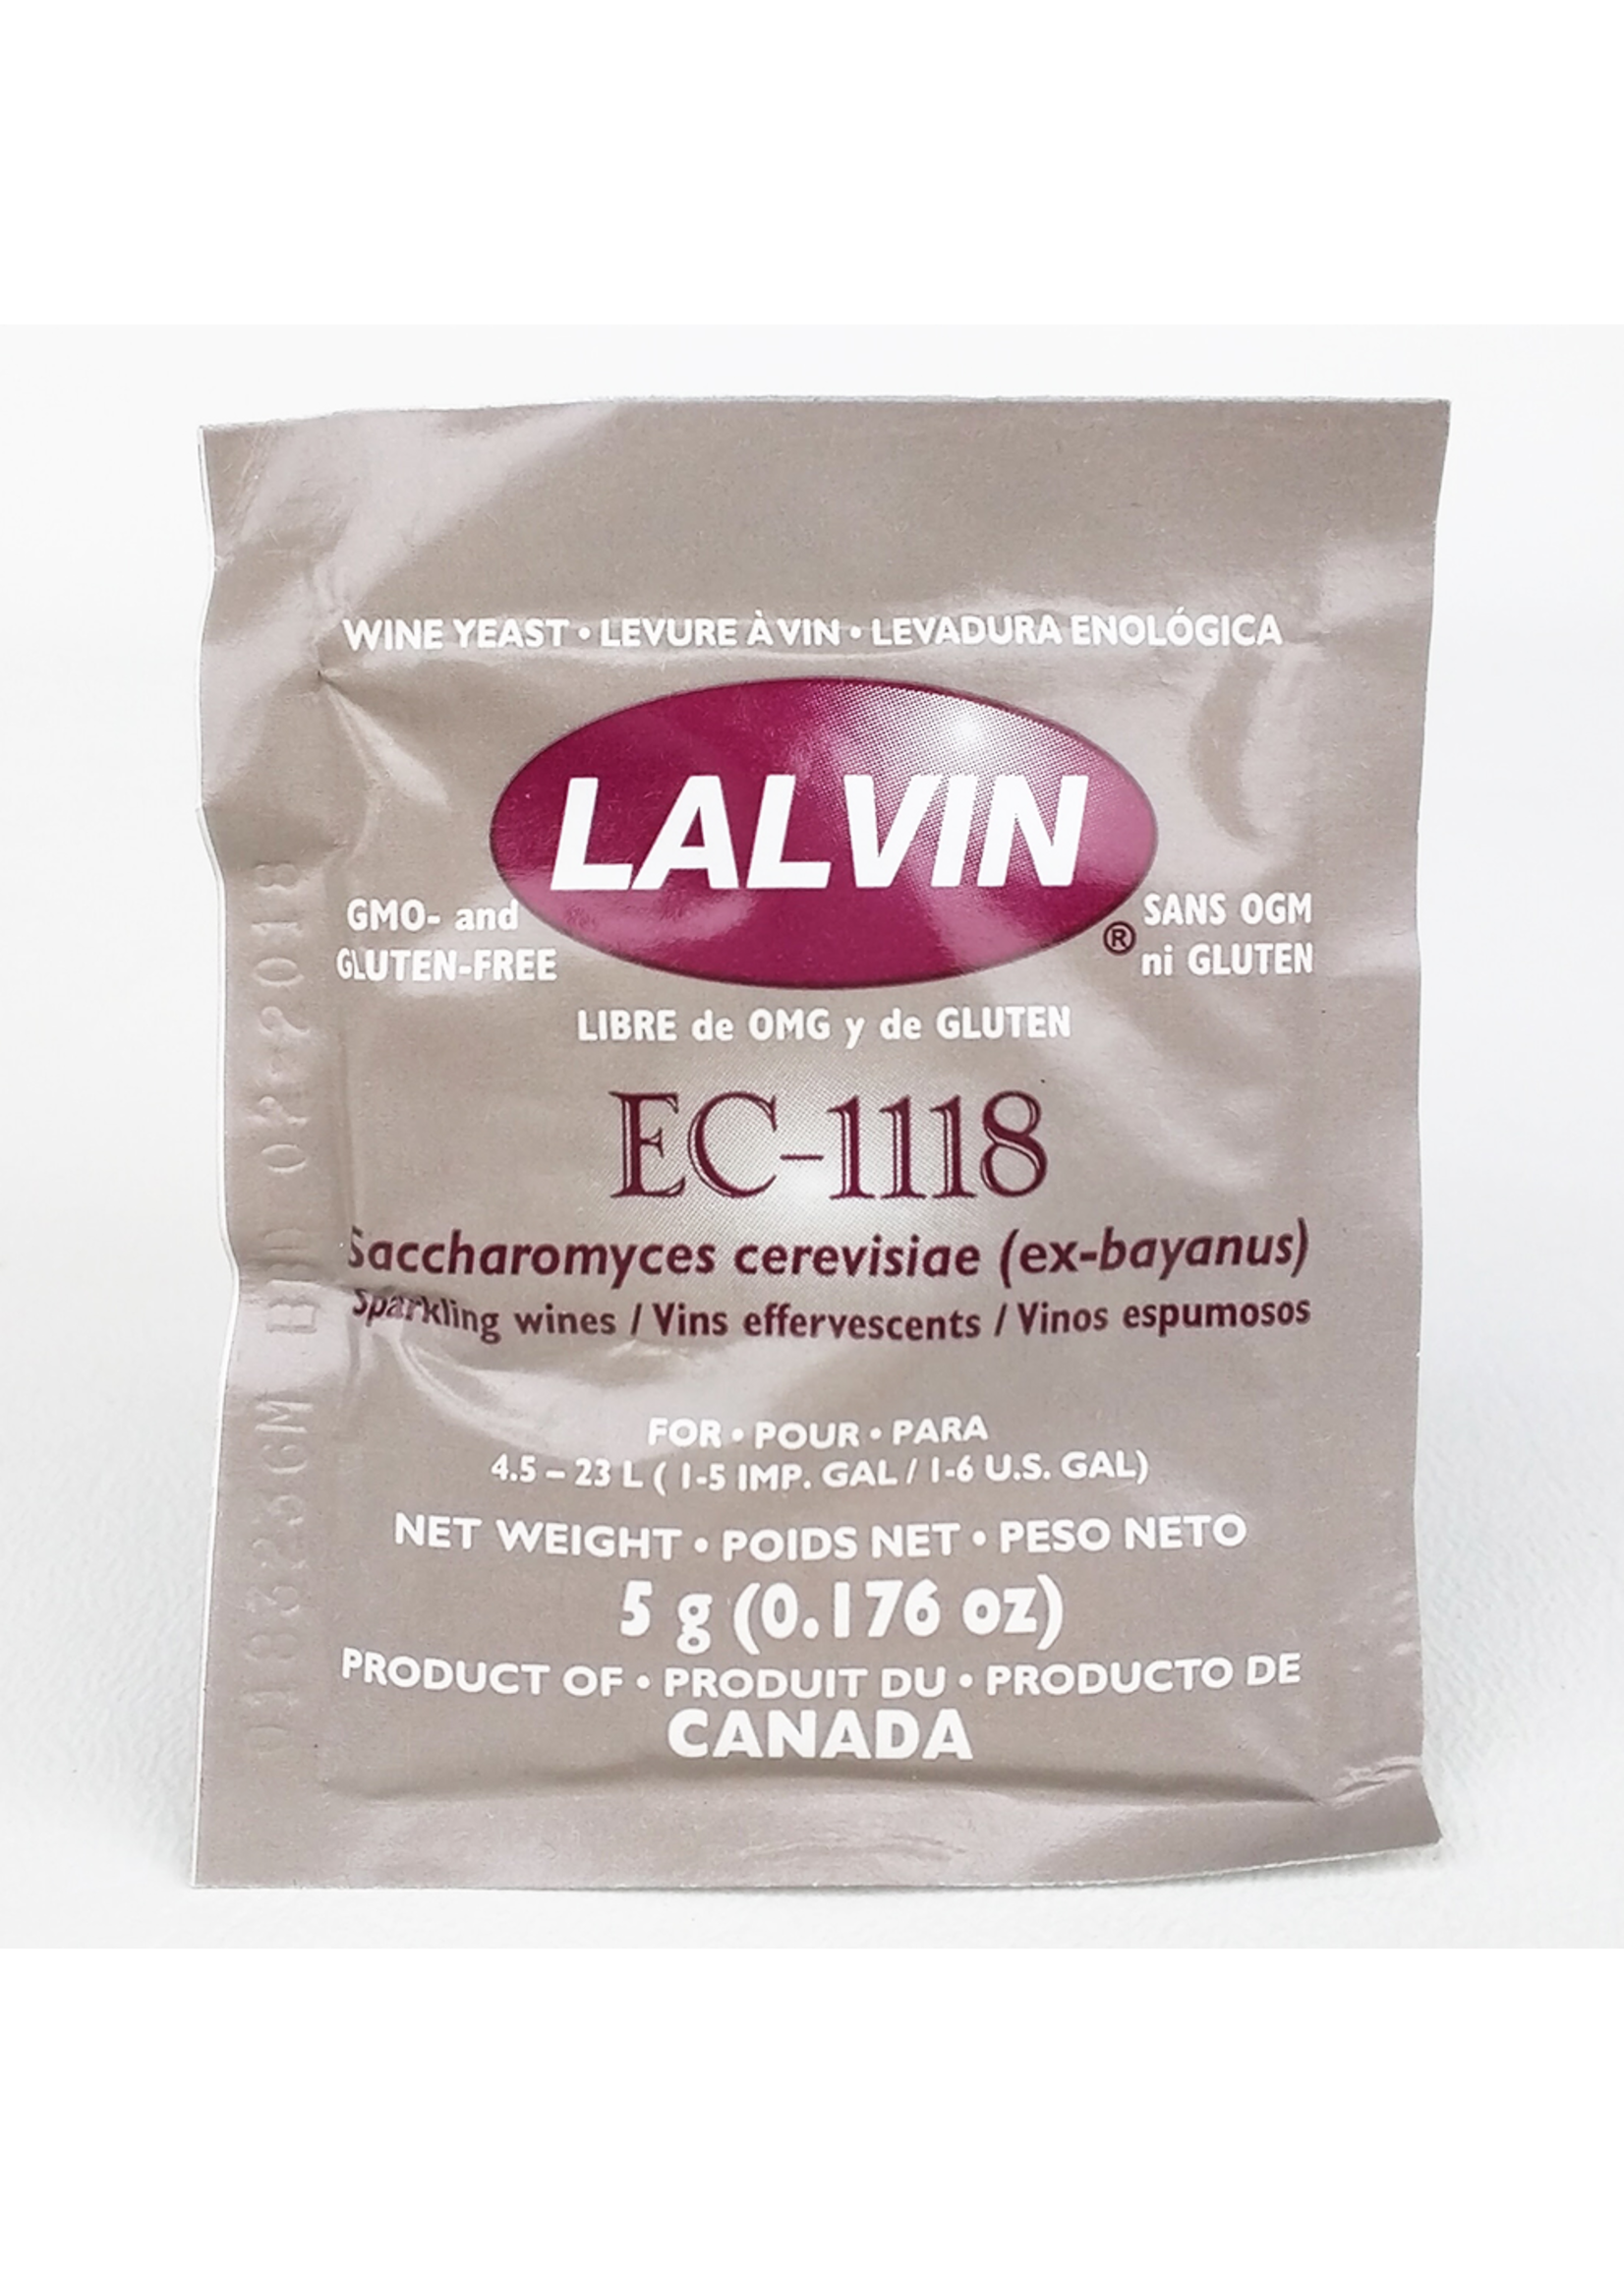 Yeast Lalvin EC-1118 Wine Yeast